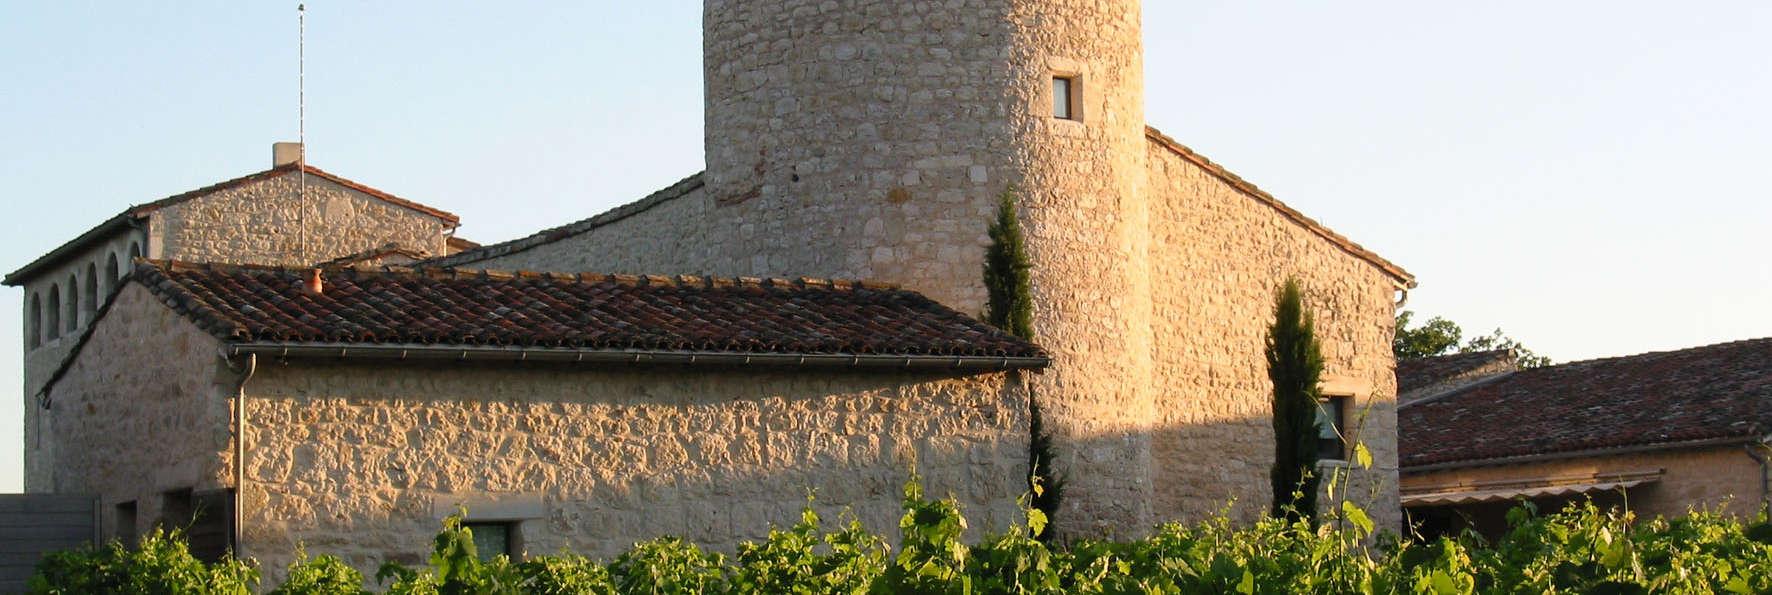 Château de Salettes - 004EXT.jpg